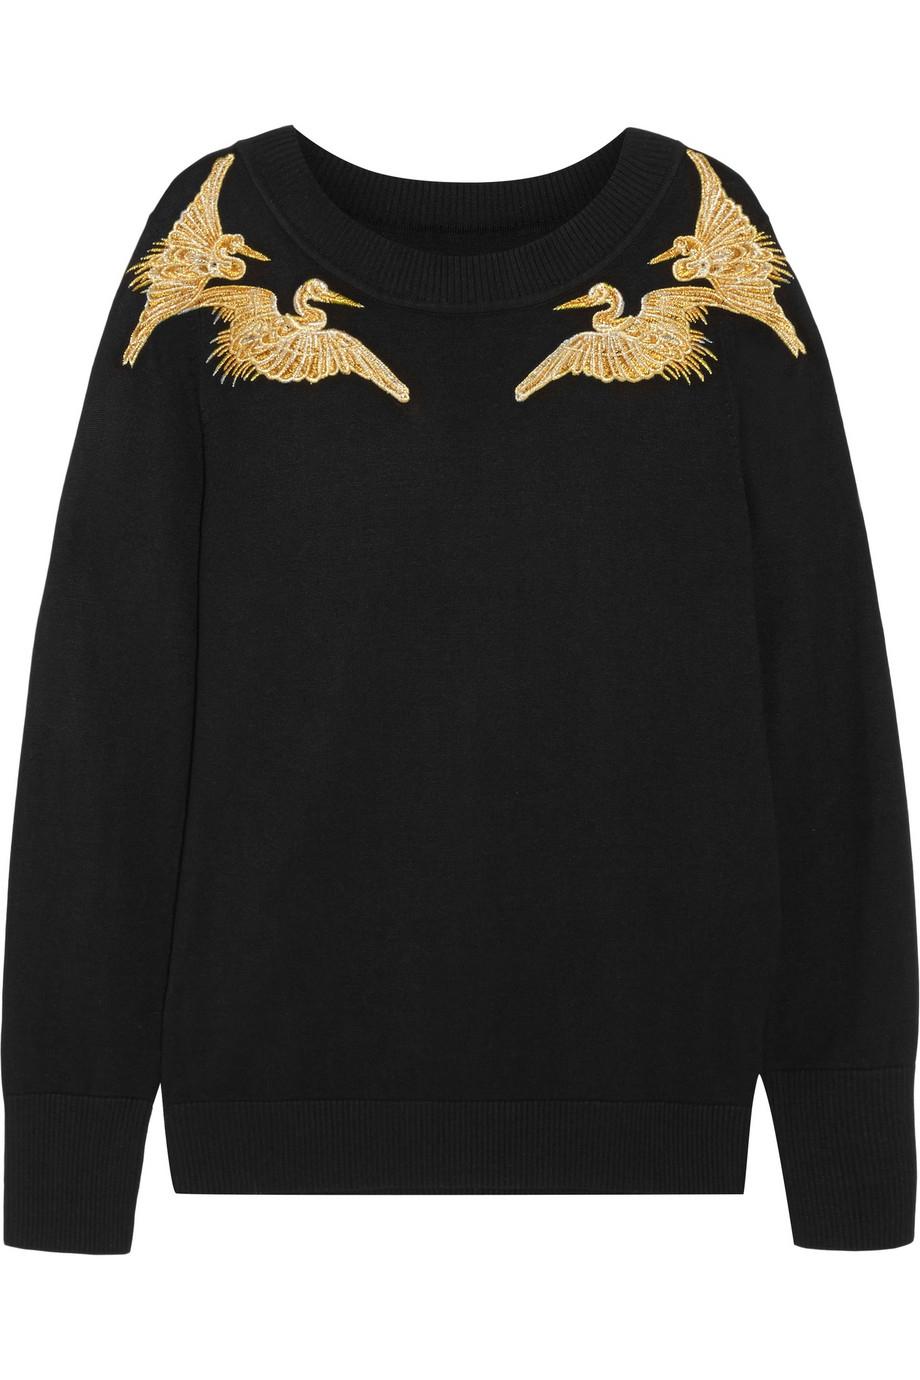 White Cardigan Sweater Target 40